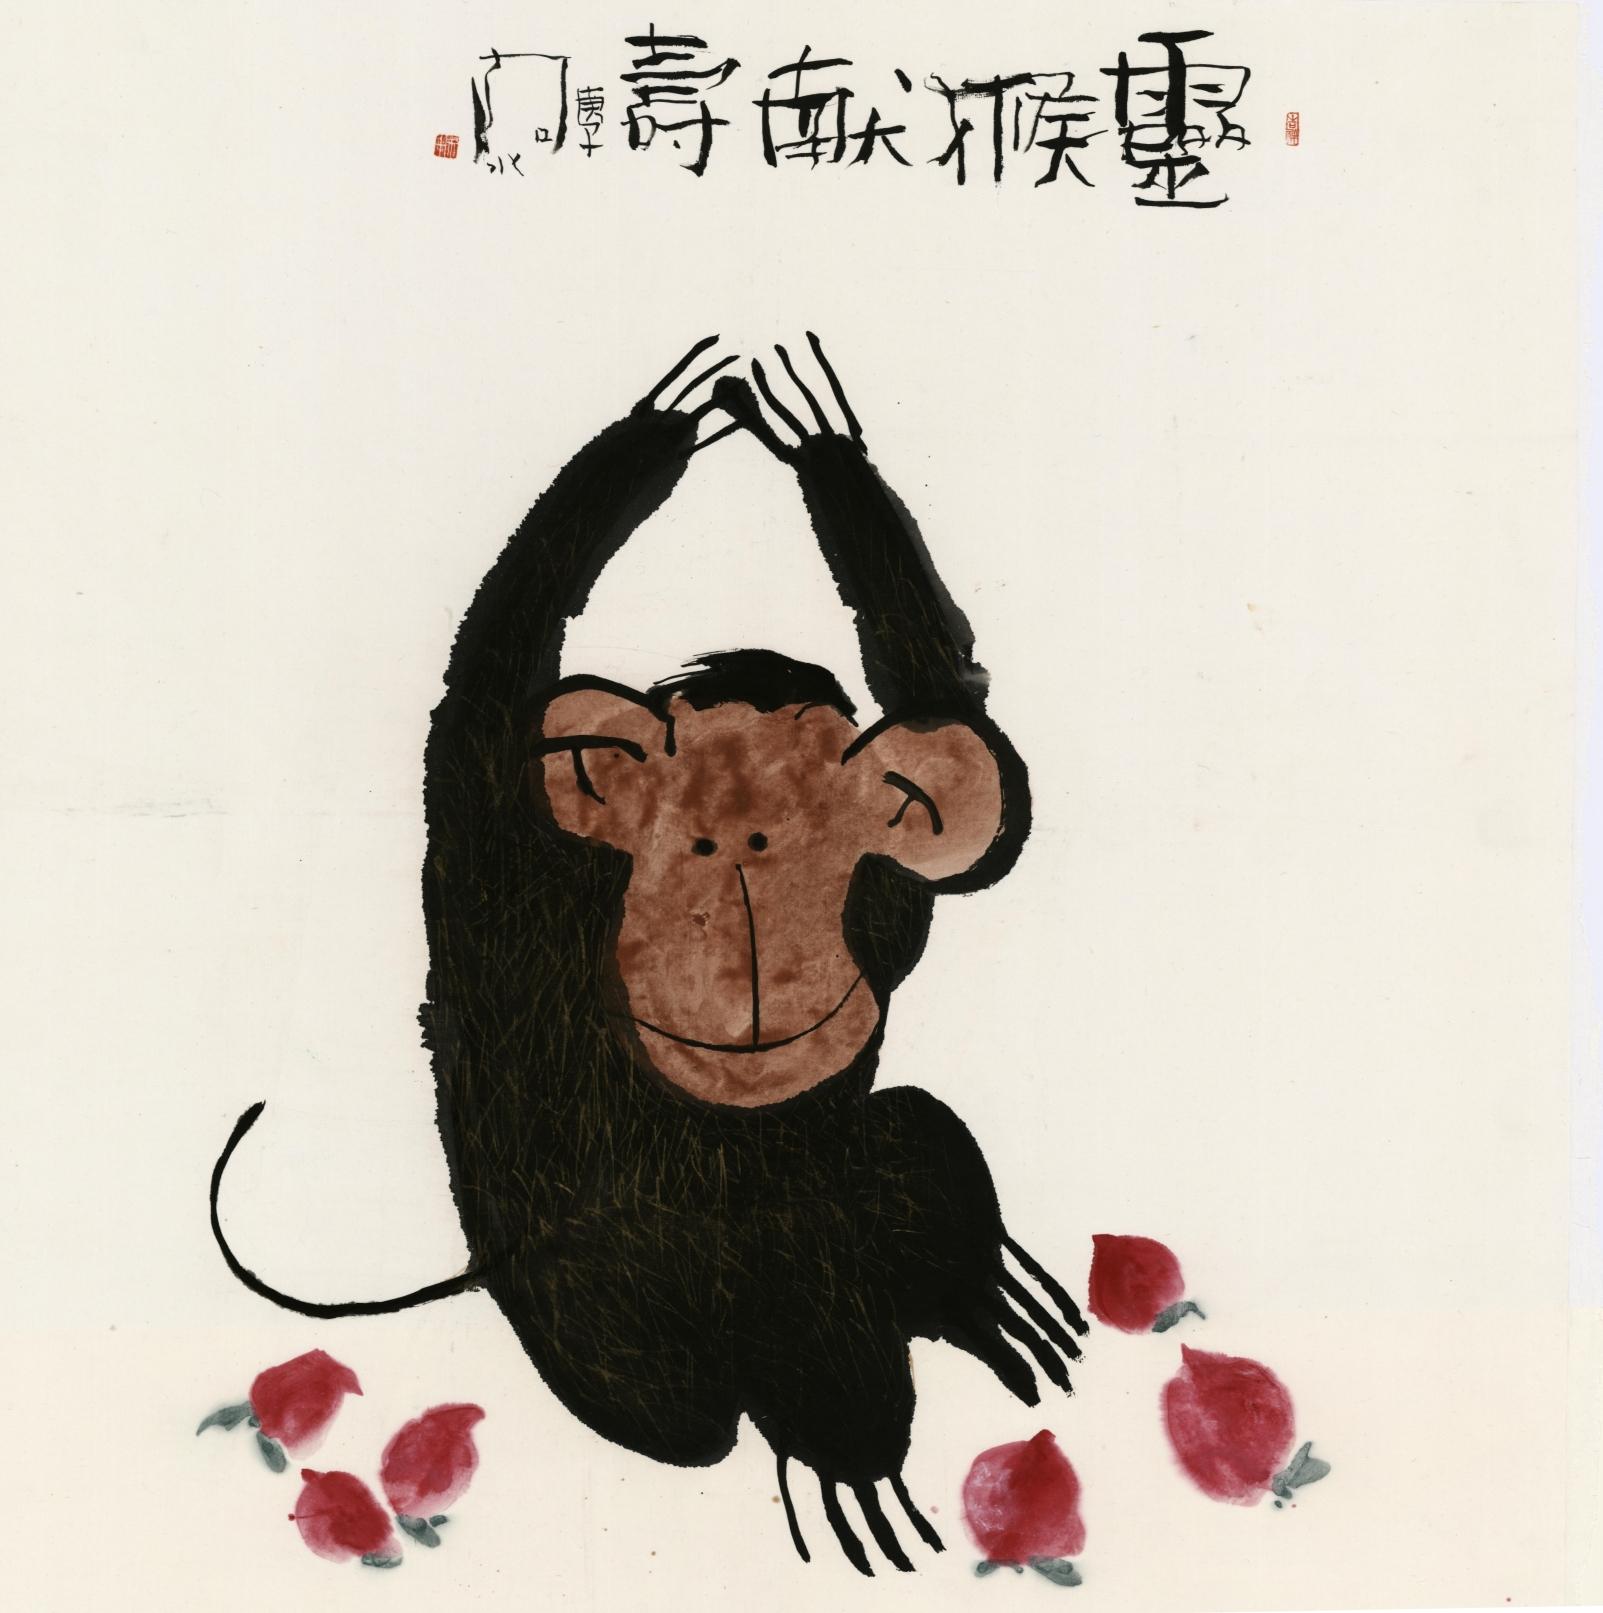 靈猴獻壽 Longevity